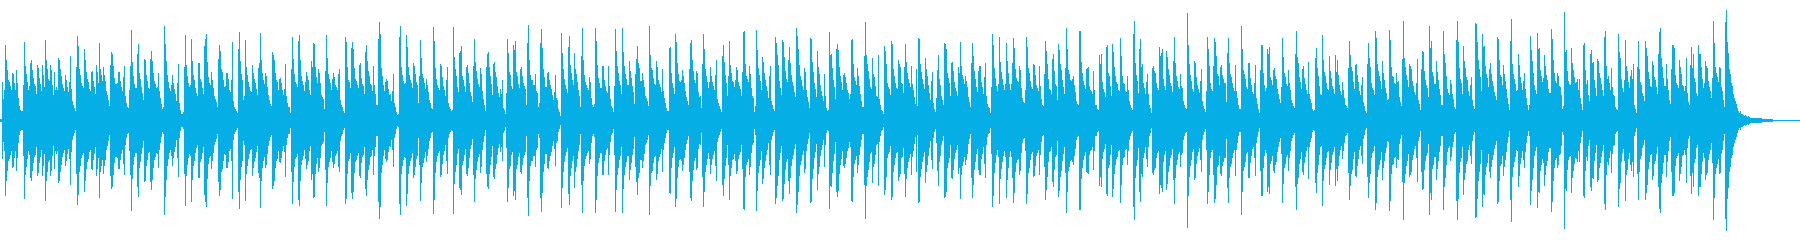 ラテンボルカノパーカッショングロー...の再生済みの波形